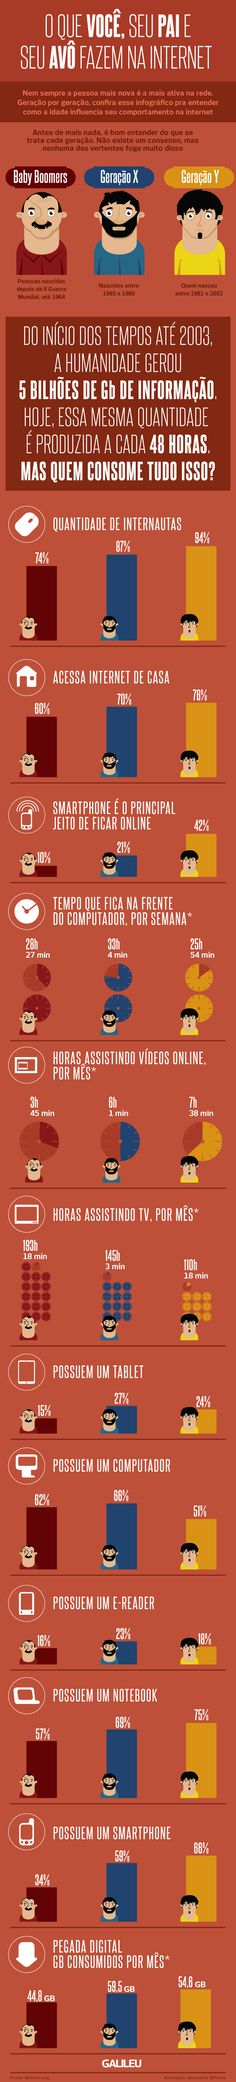 Comportamento digital de várias gerações.